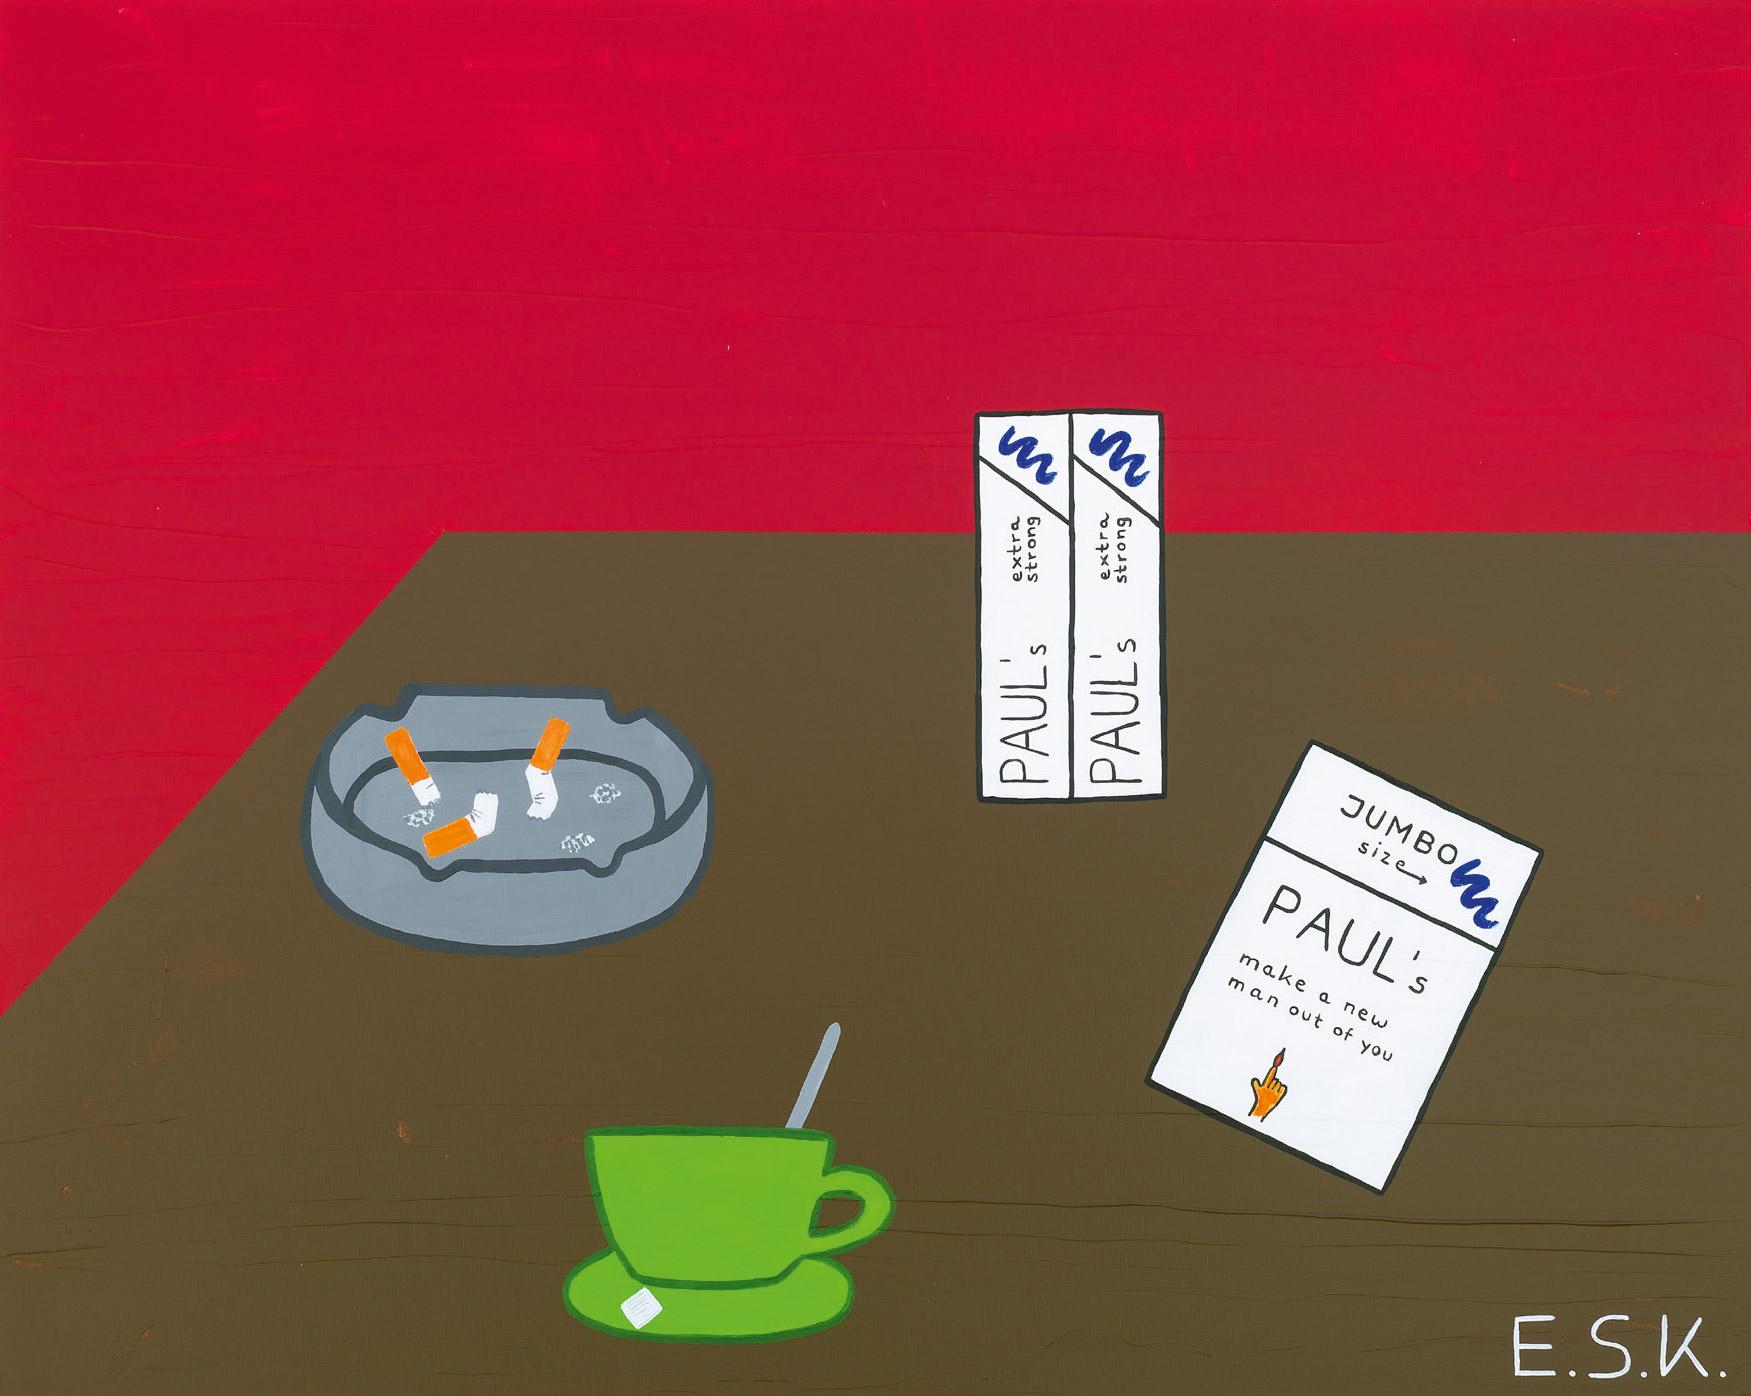 Tabacco Pop Art by E.S.K. Eileen Susanne Kreipl